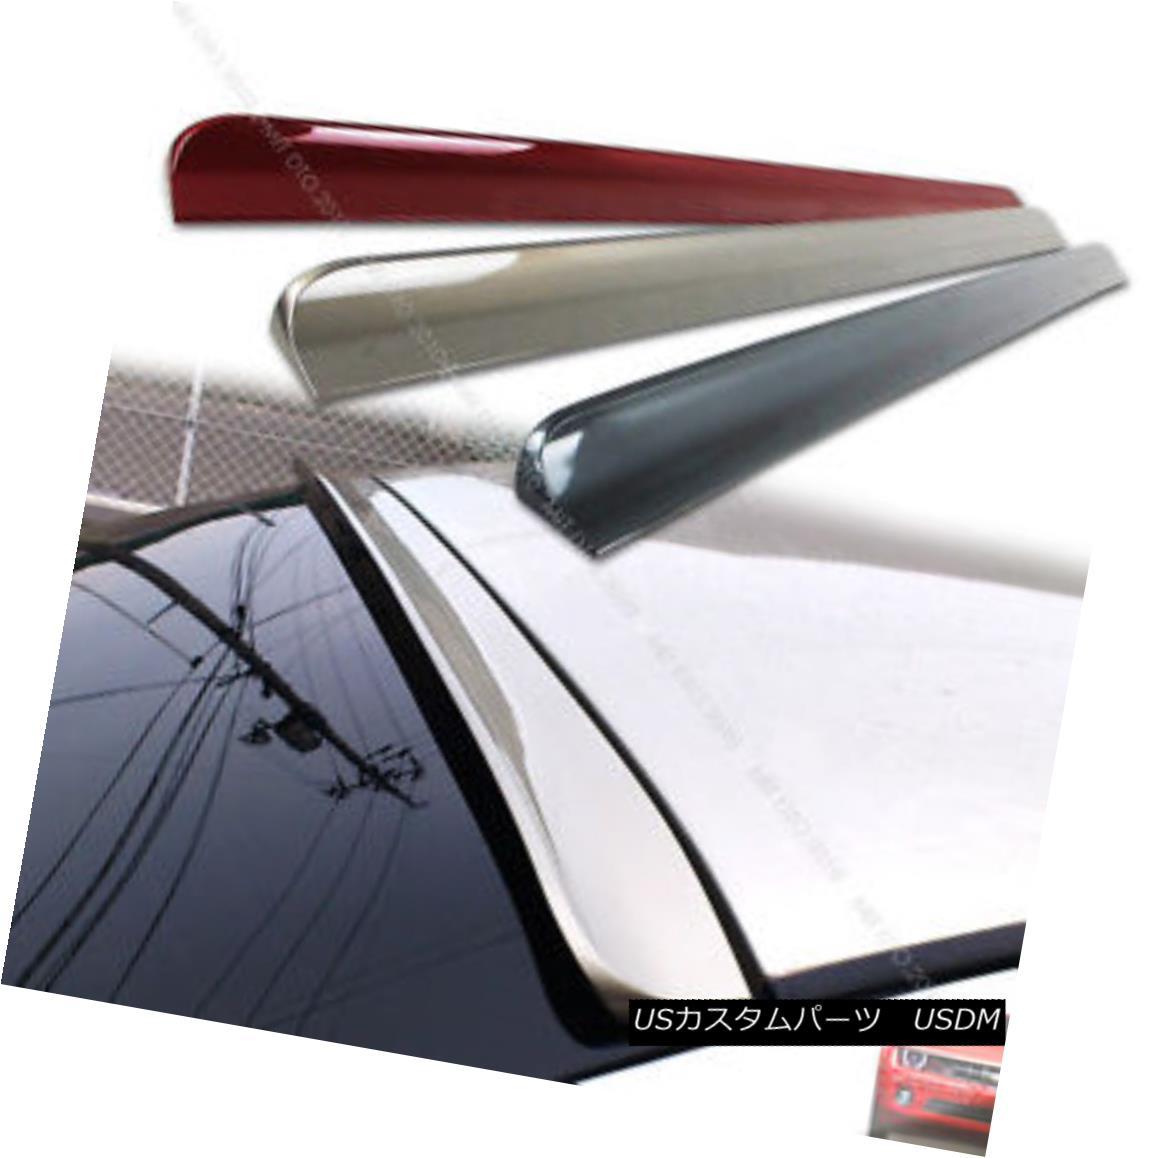 エアロパーツ Painted 2009-2012 For Window Rear Roof Lip Spoiler Wing Audi A4 B8 4DR Sedan ウインドリアルーフスポイラーウイングアウディA4 B8 4DRセダン